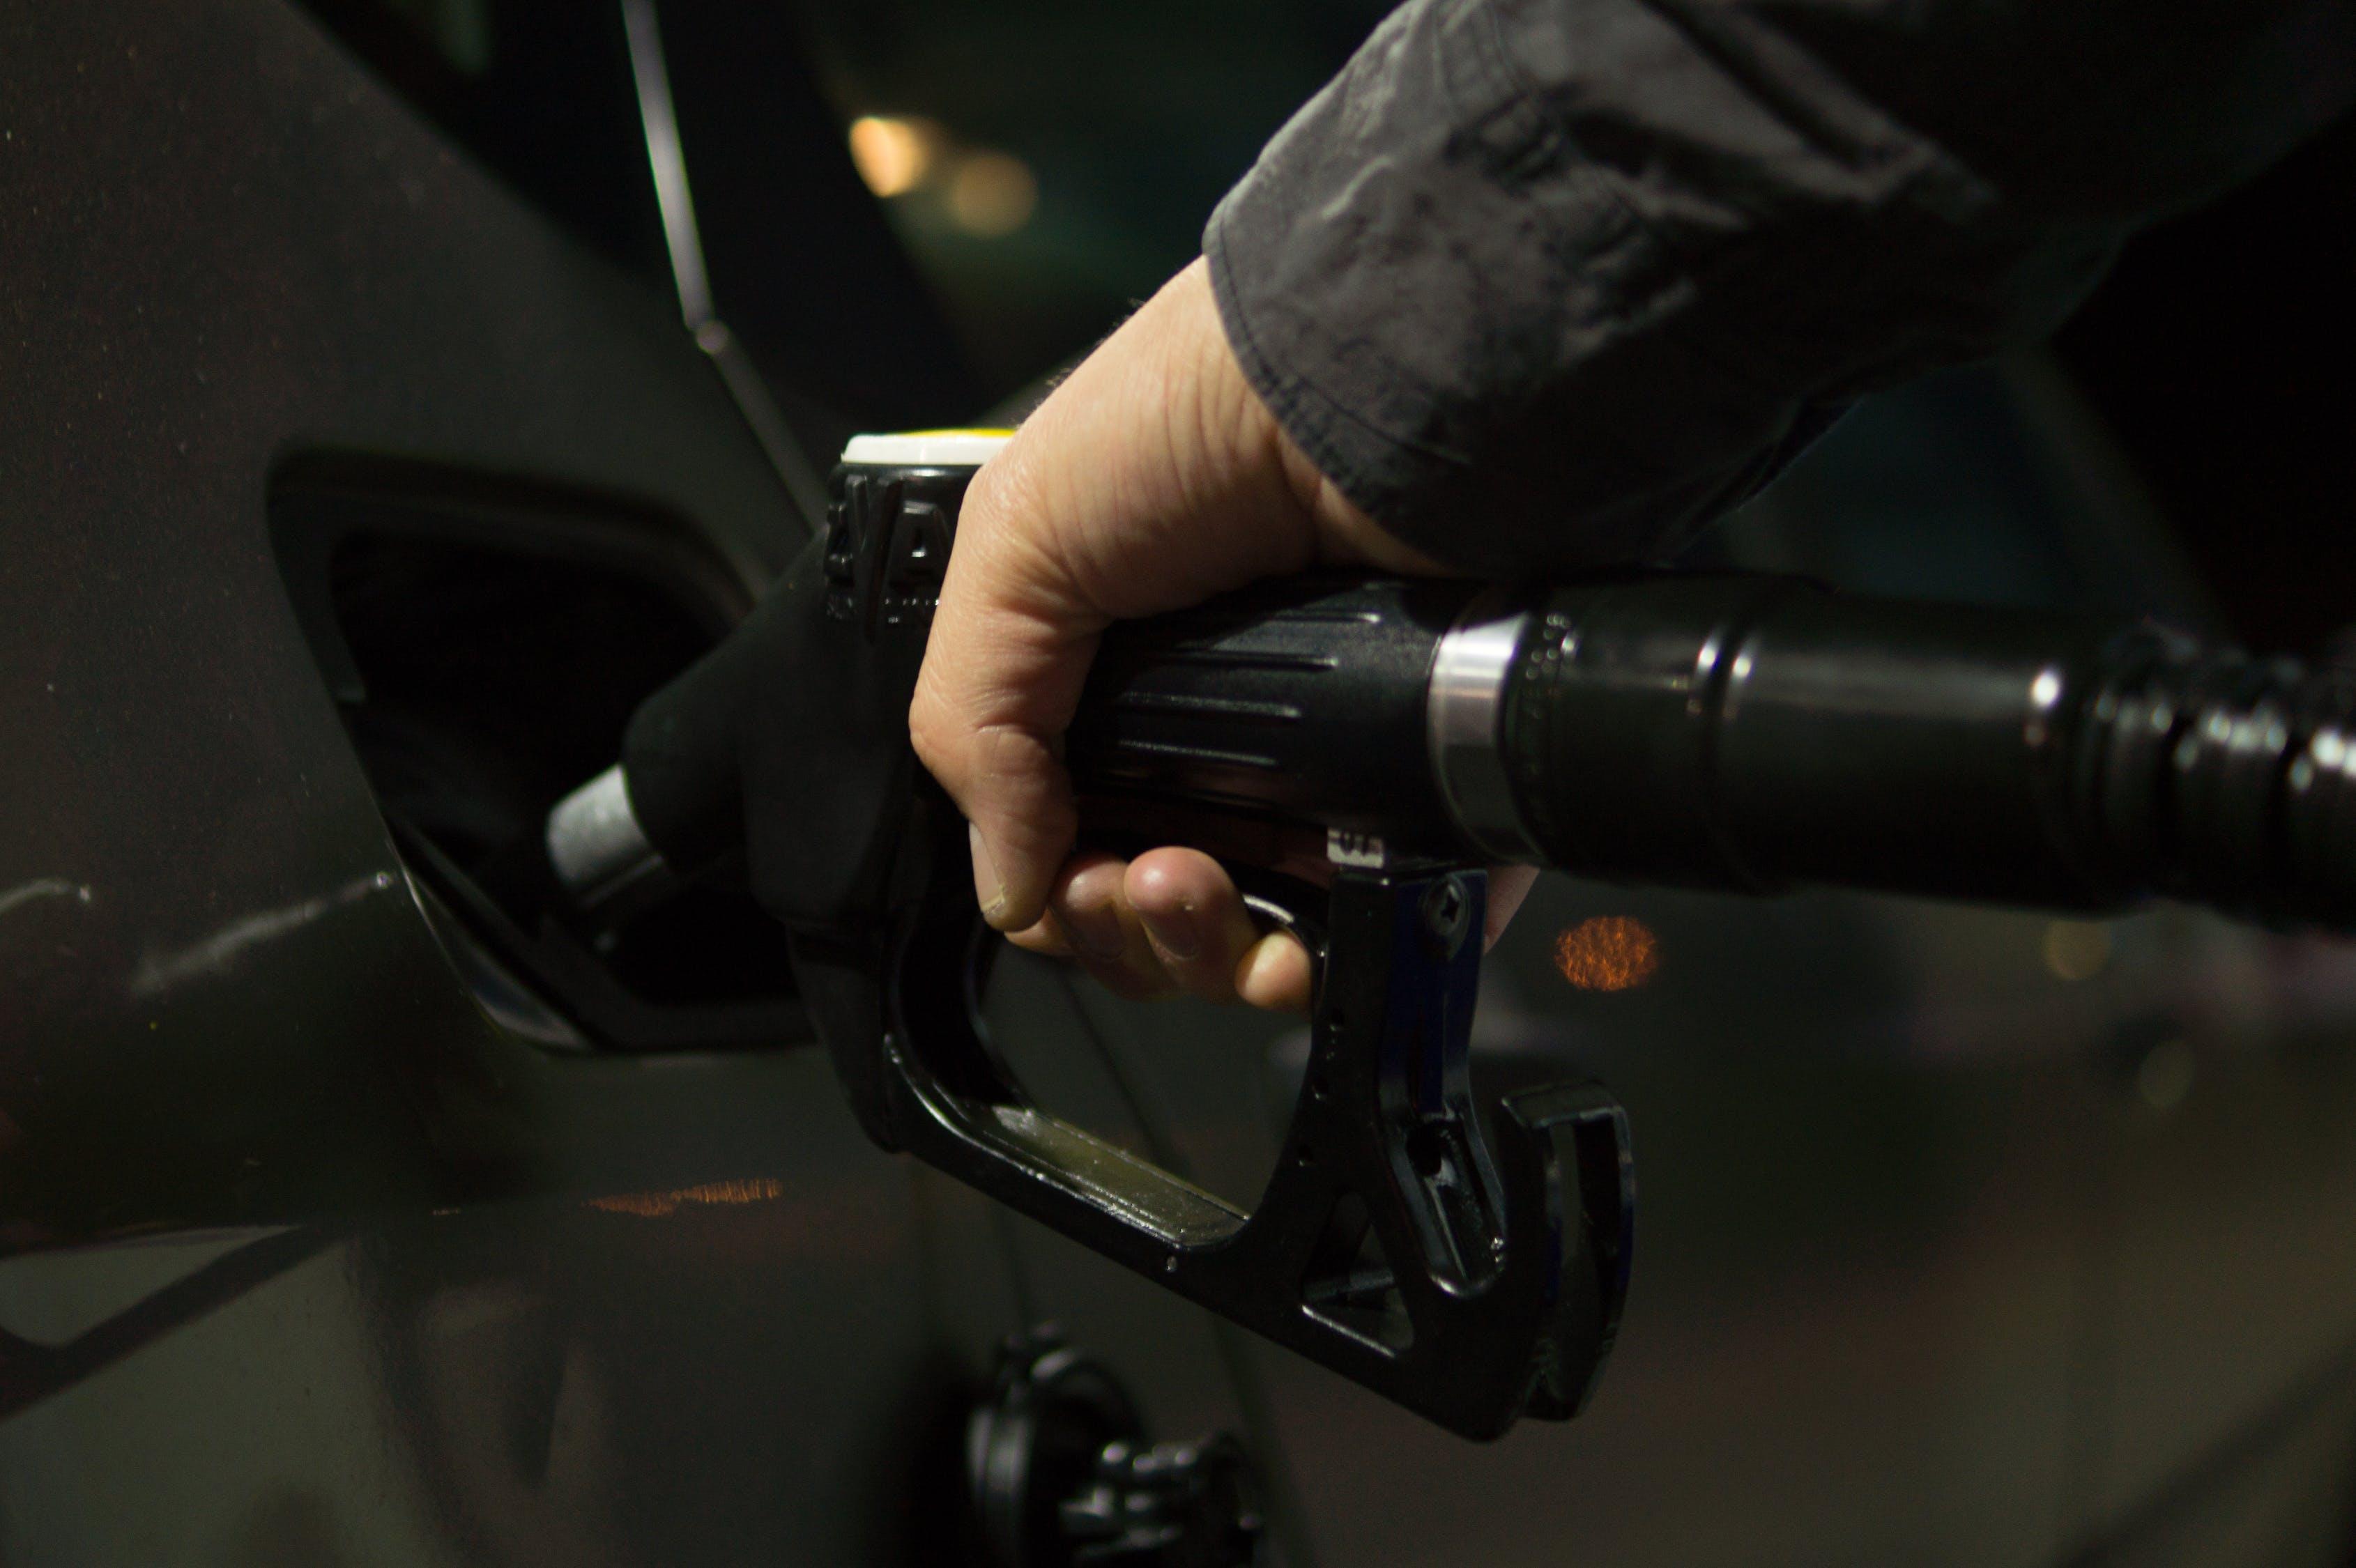 加油员反复捏枪:是在偷油?